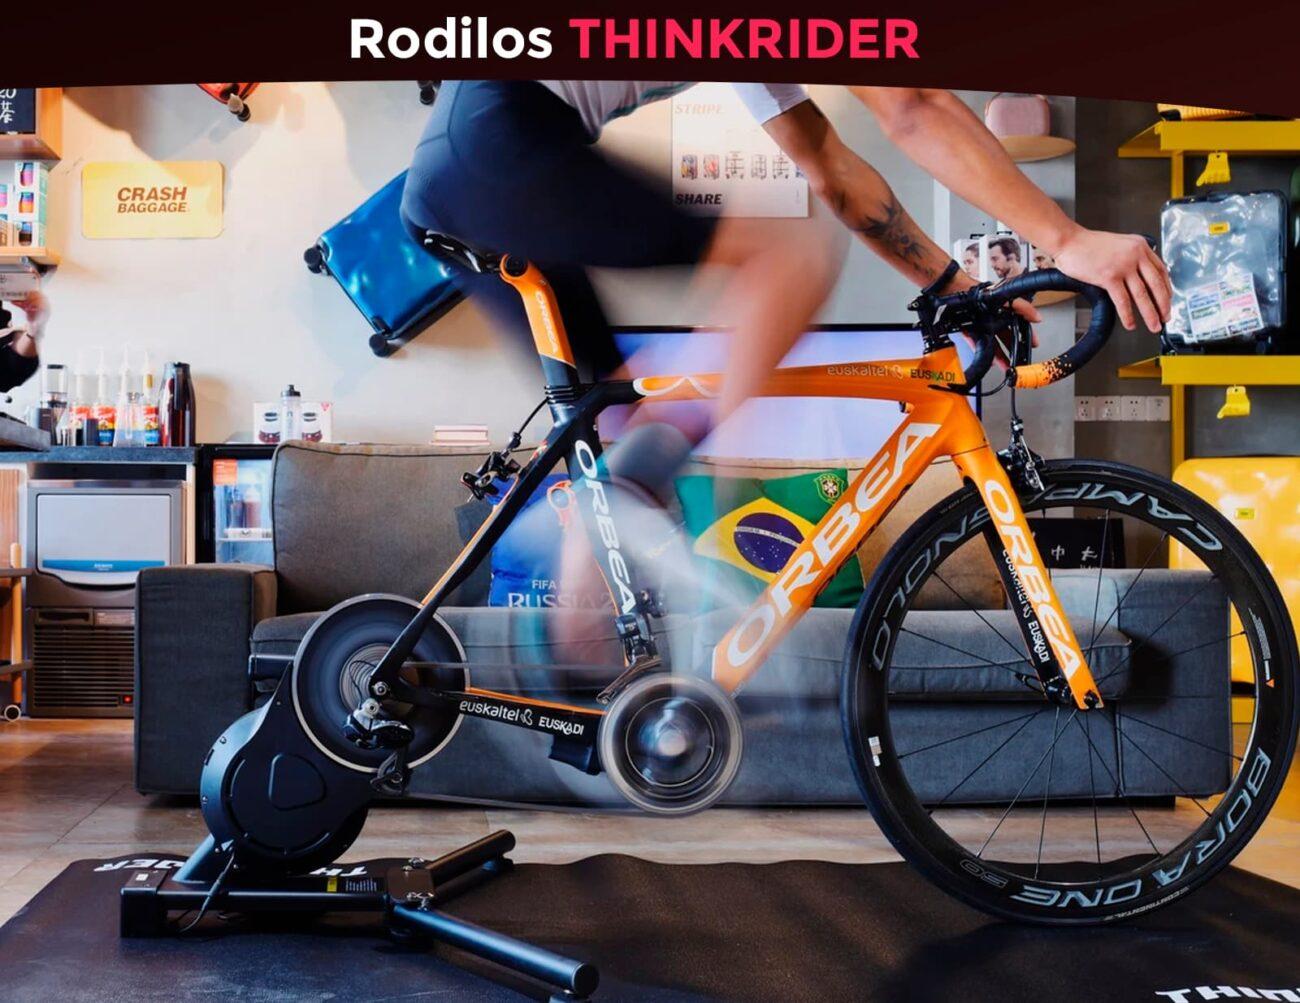 Rodillo de ciclismo thinkrider